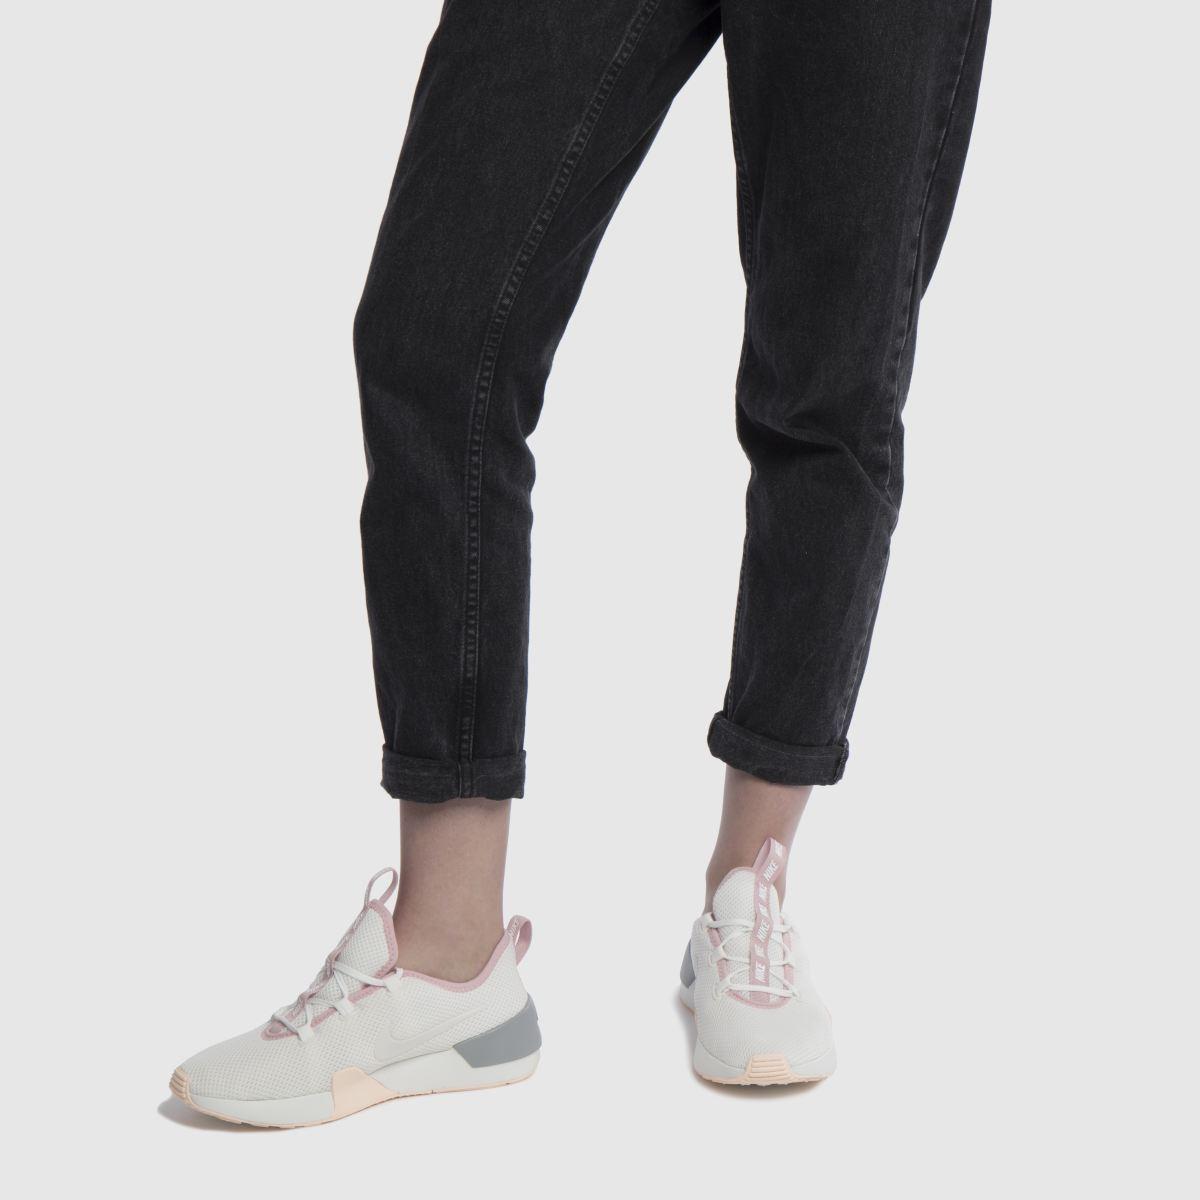 Damen Weiß-pink nike Ashin Modern Sneaker   schuh Gute Qualität beliebte Schuhe